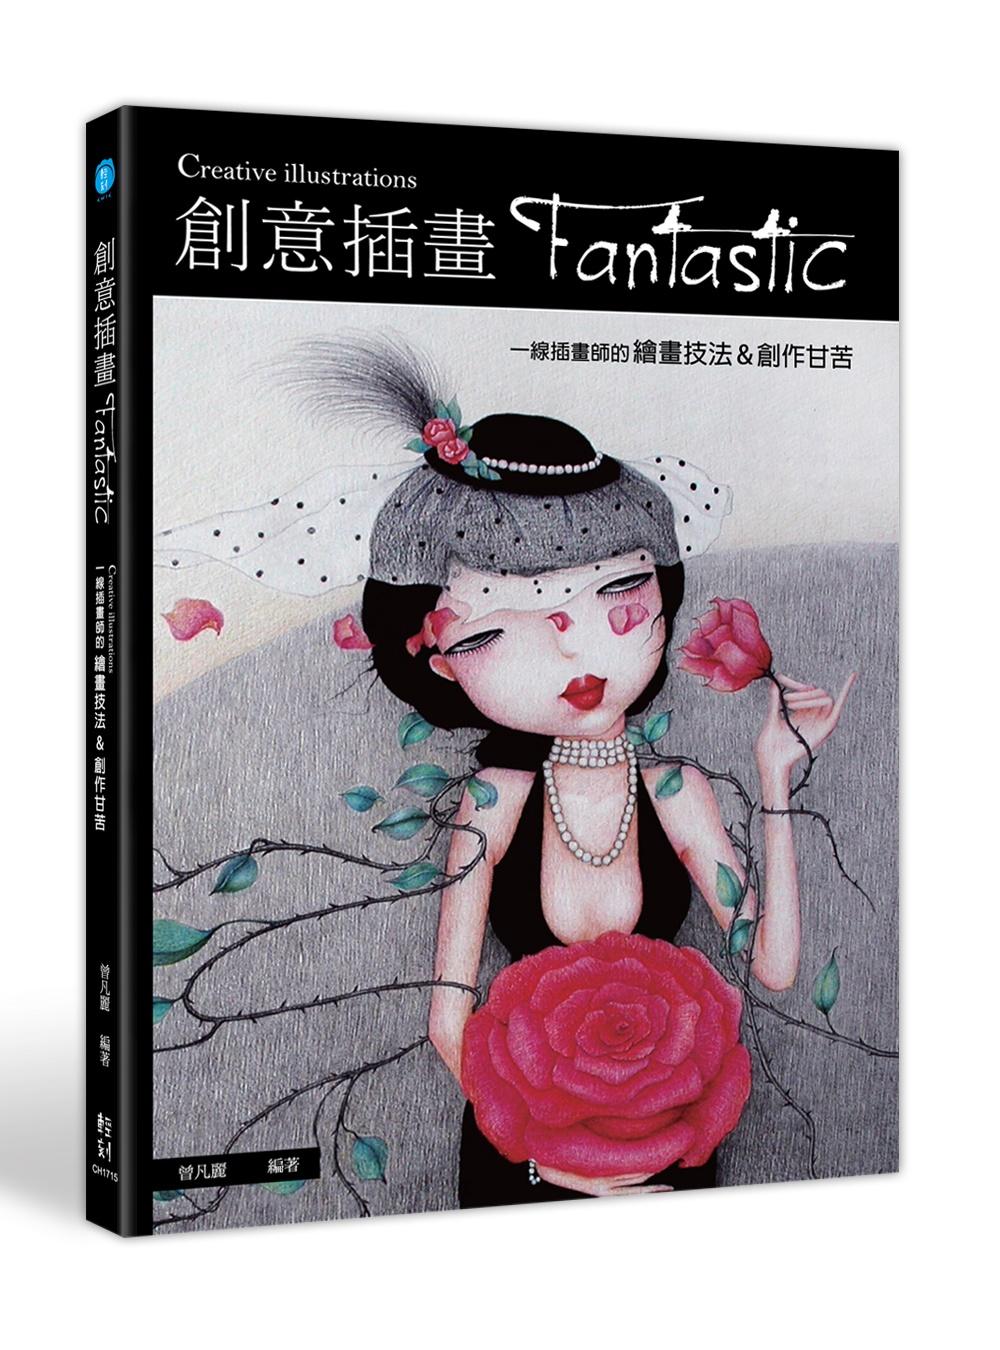 創意插畫Fantastic:一線插畫師的繪畫技法&創作甘苦